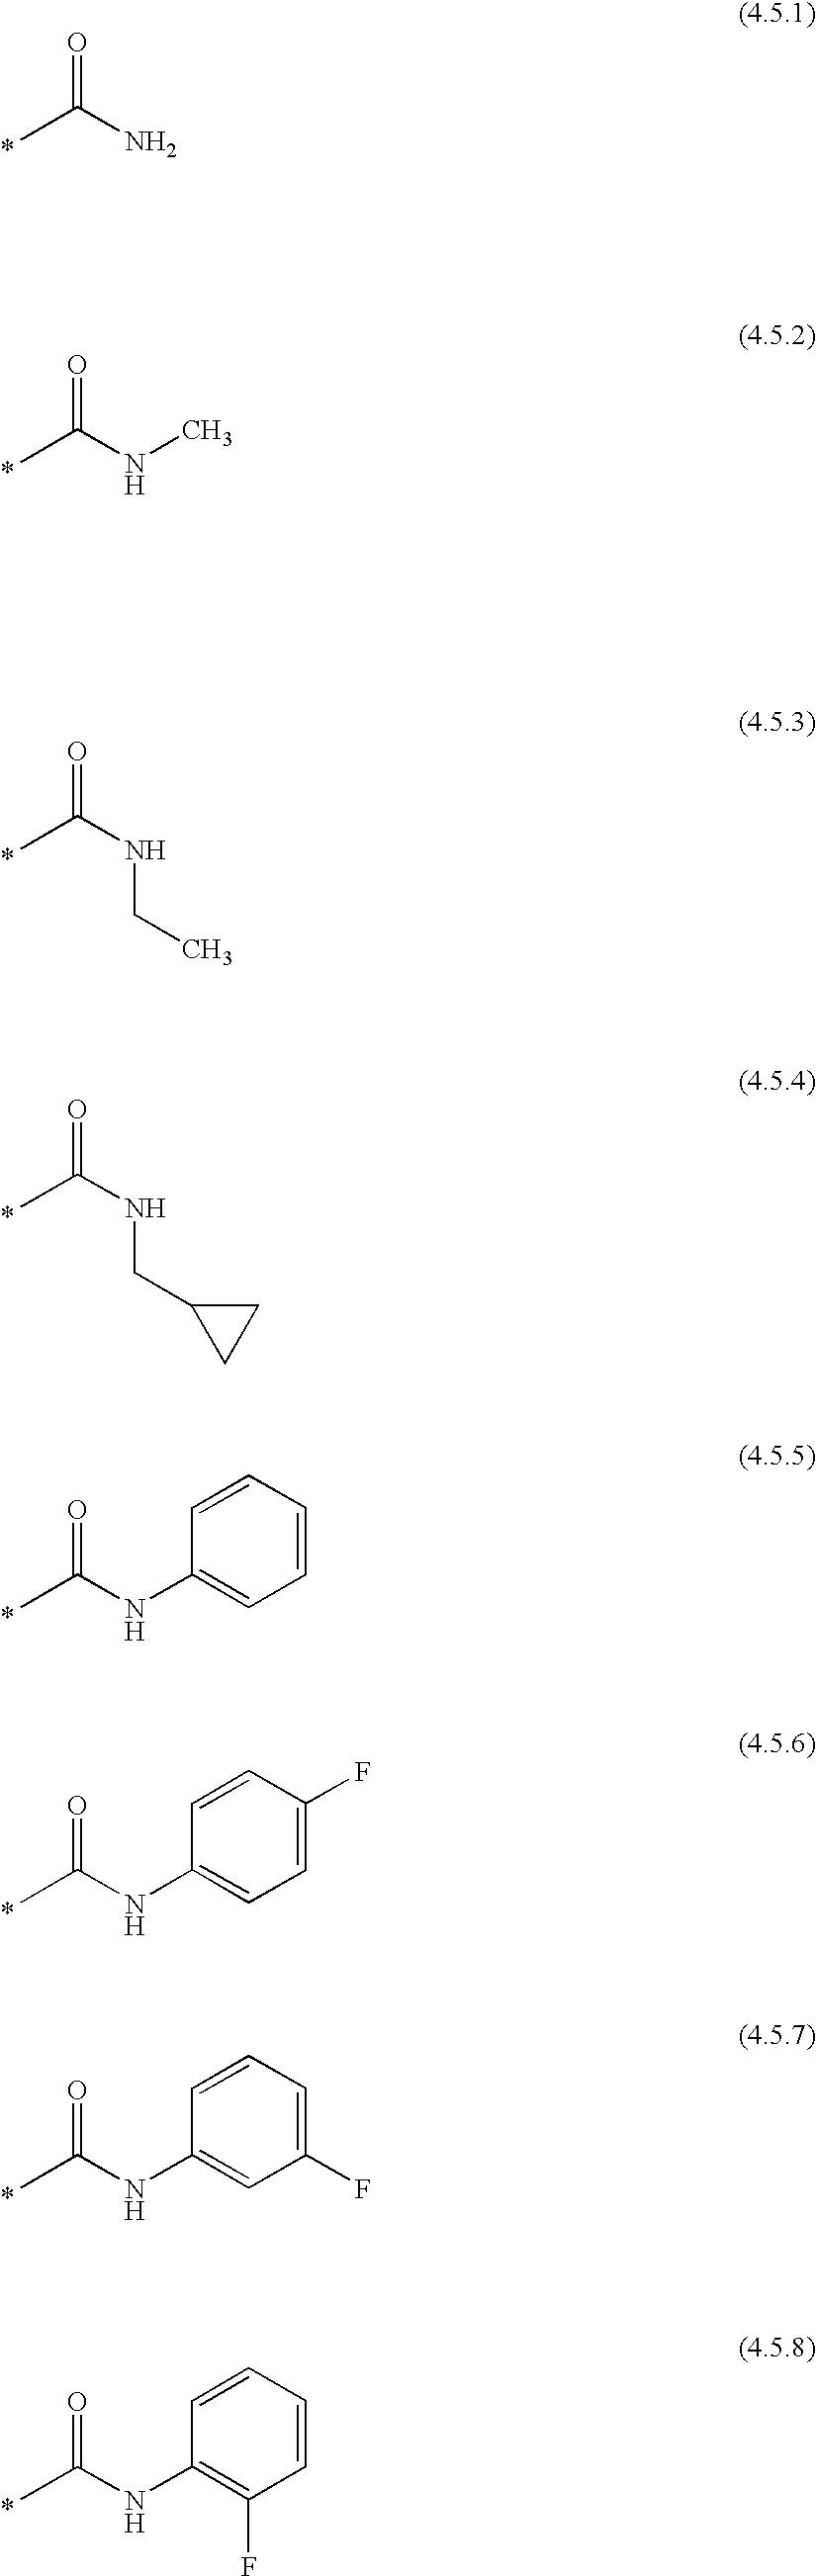 Figure US20030186974A1-20031002-C00148